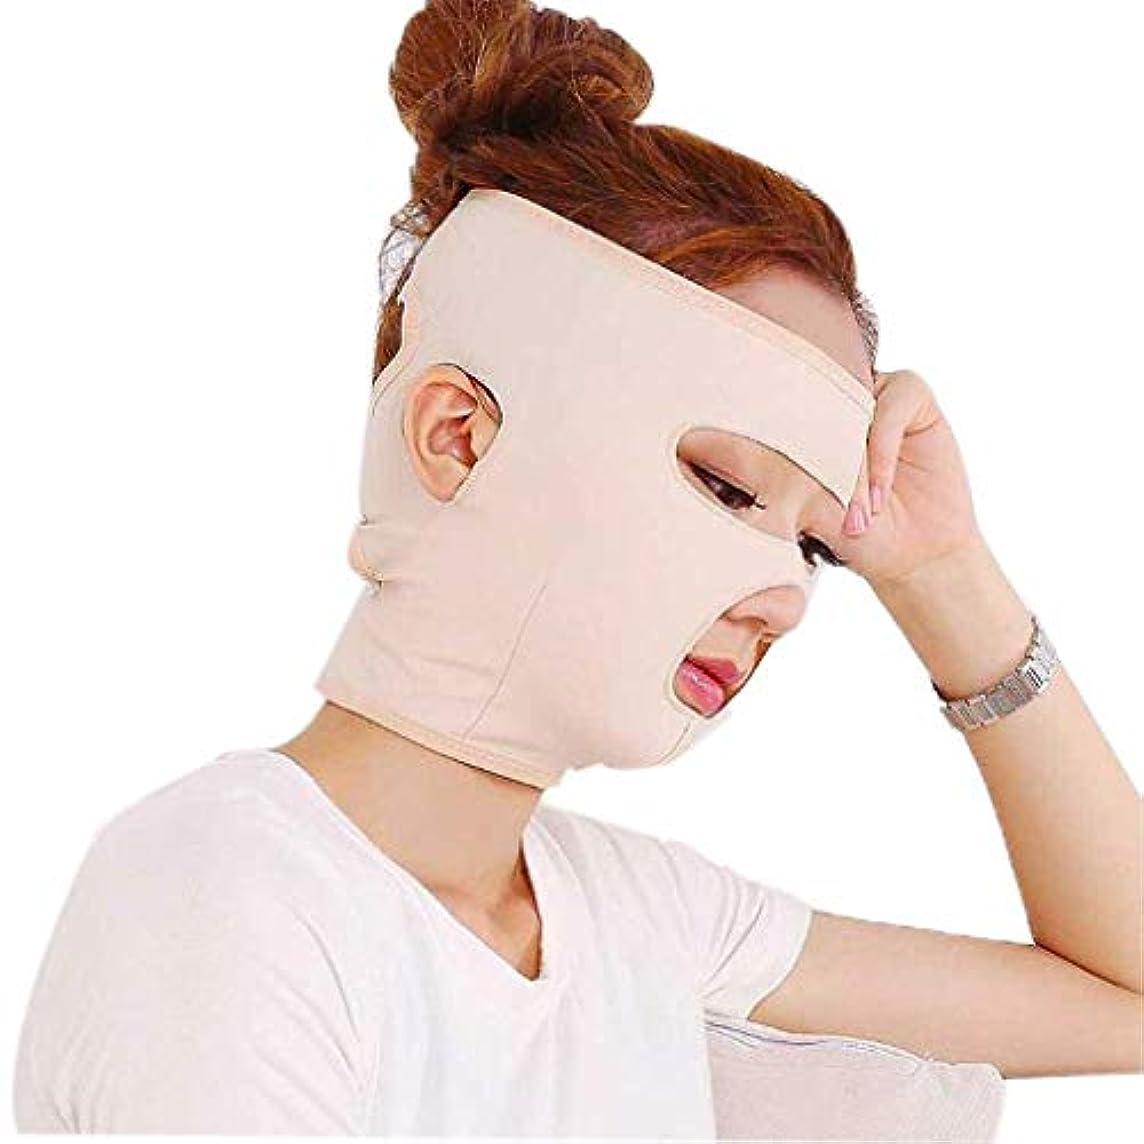 ぴったりソーダ水悪意のあるフェイスリフティングマスク、フルフェイス通気性の術後回復包帯リフティング引き締め肌の減少により小さなVフェイスマスクを作成(サイズ:L)